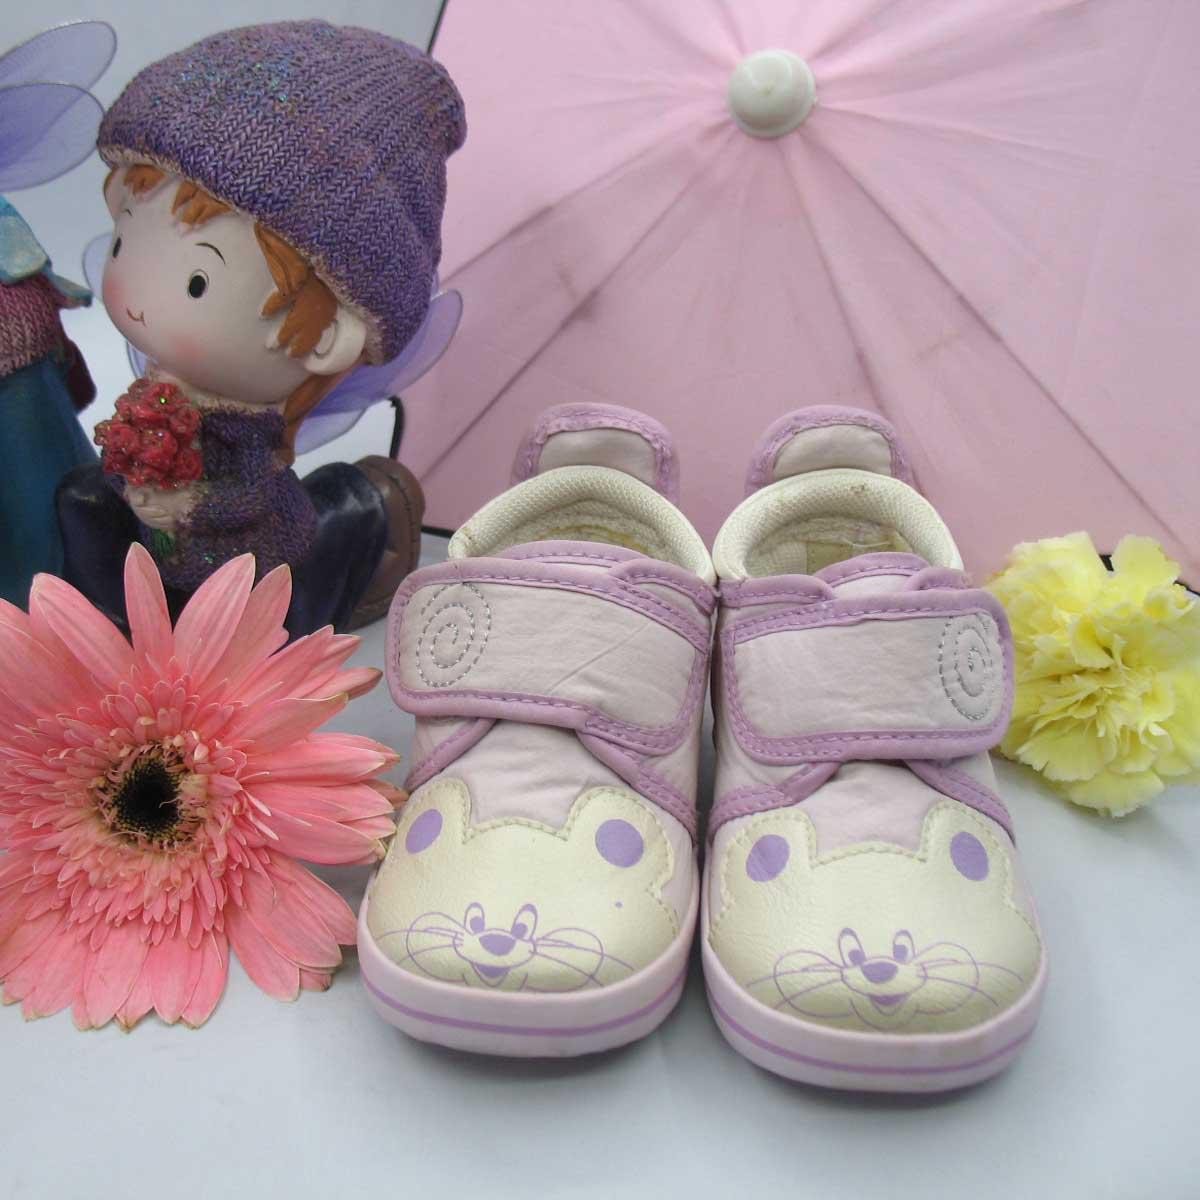 超多款宝宝鞋.最适合深圳气候.不喜欢就别进.